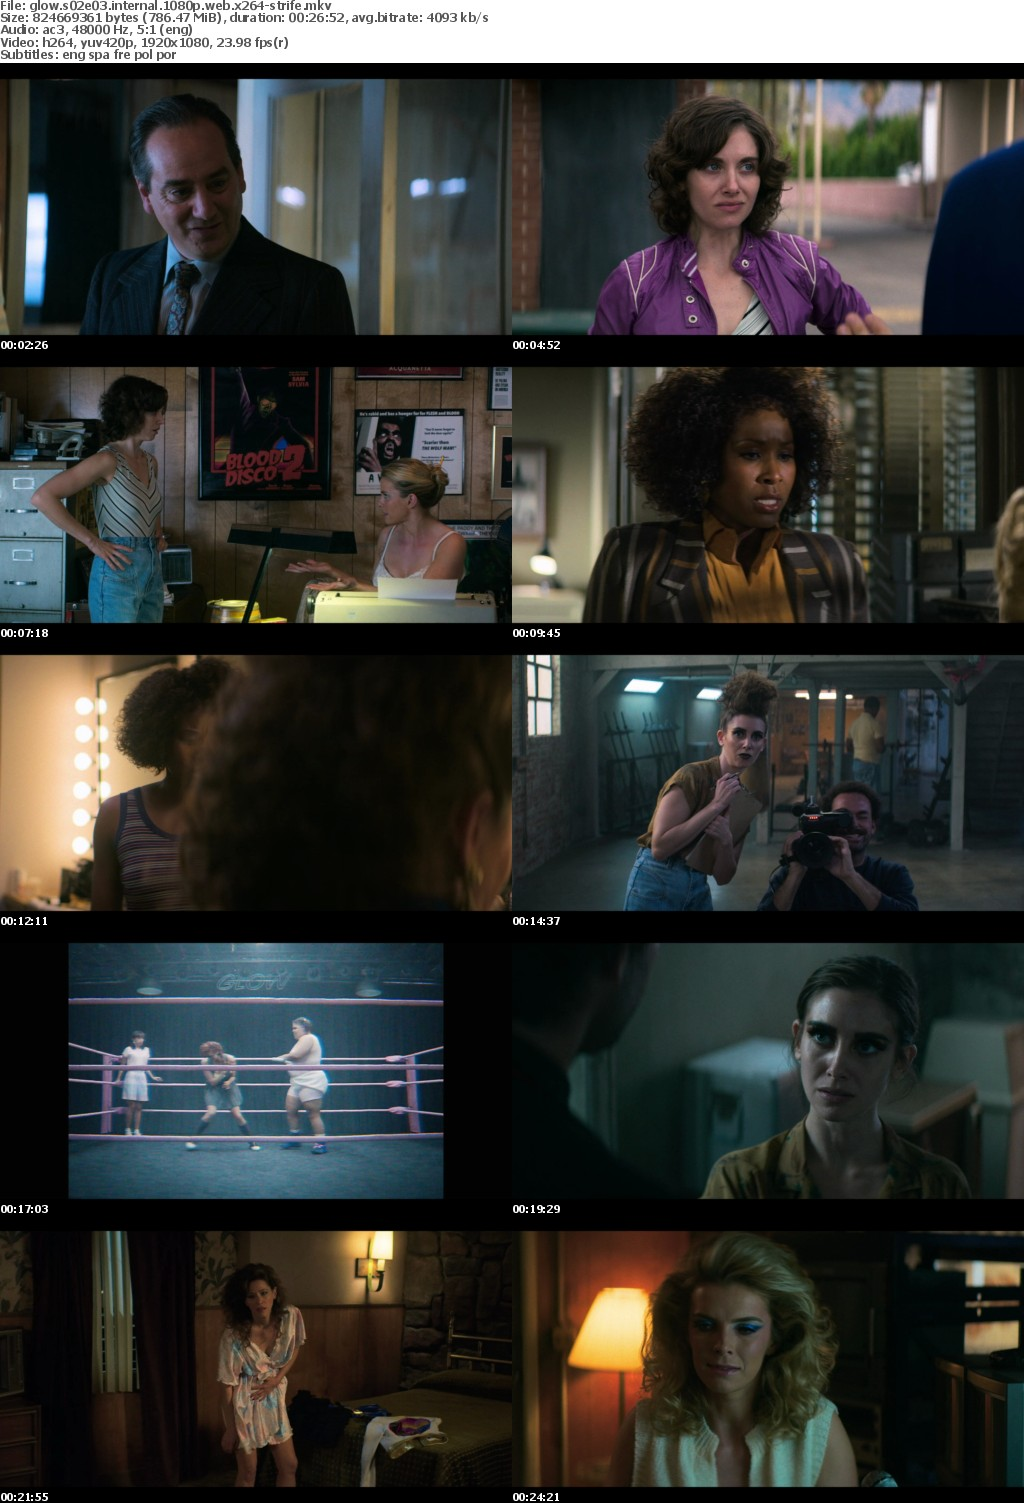 GLOW S02E03 iNTERNAL 1080p WEB x264-STRiFE